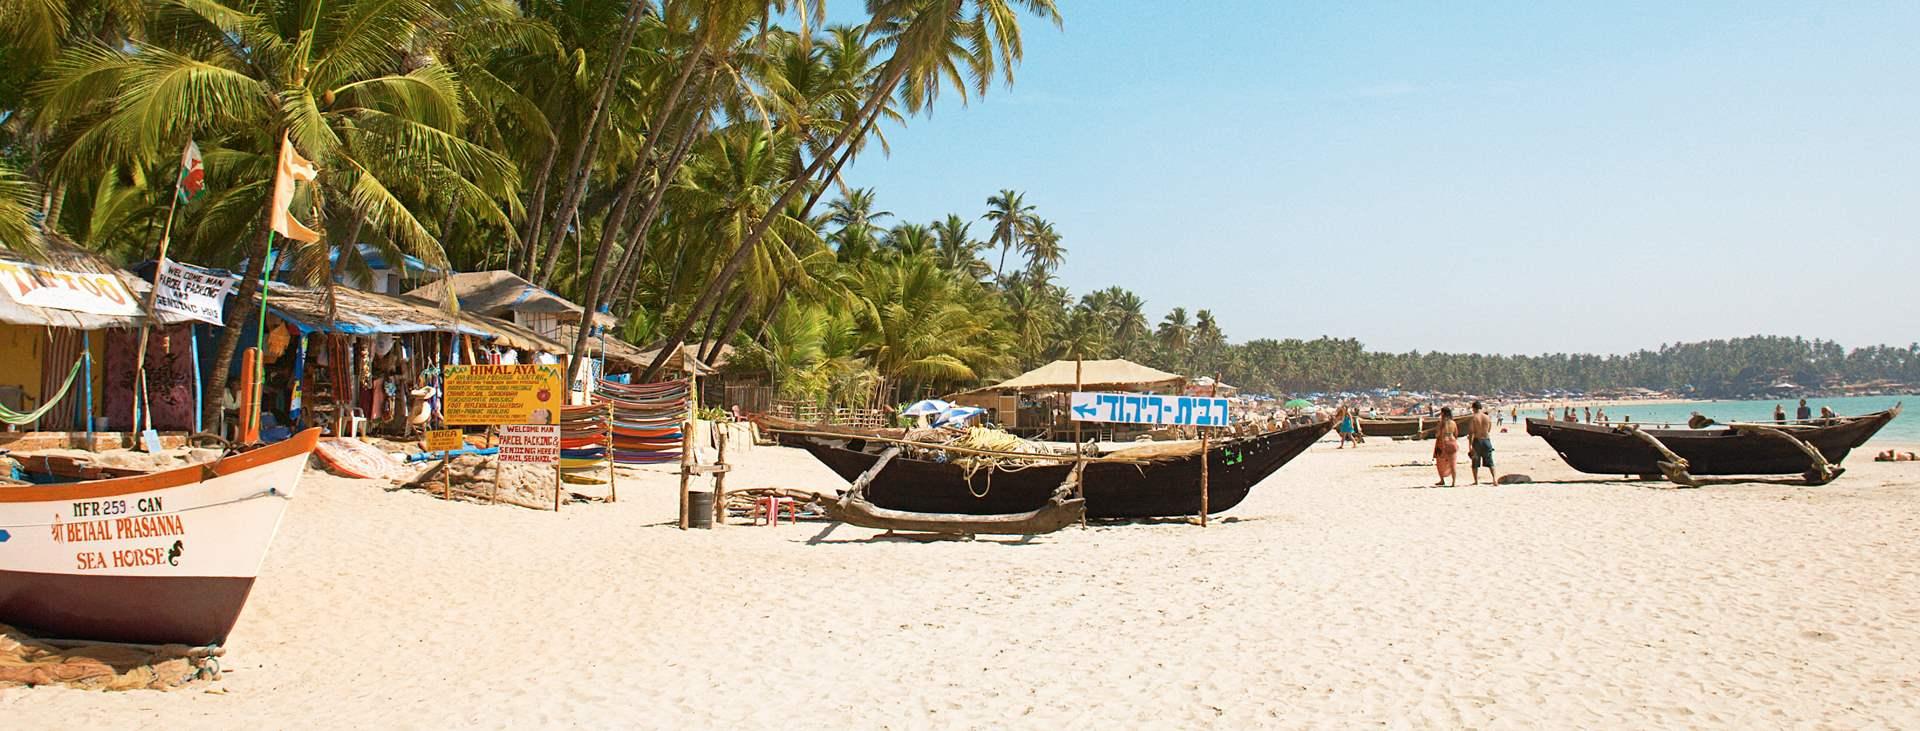 Bestill en reise til solsikre India